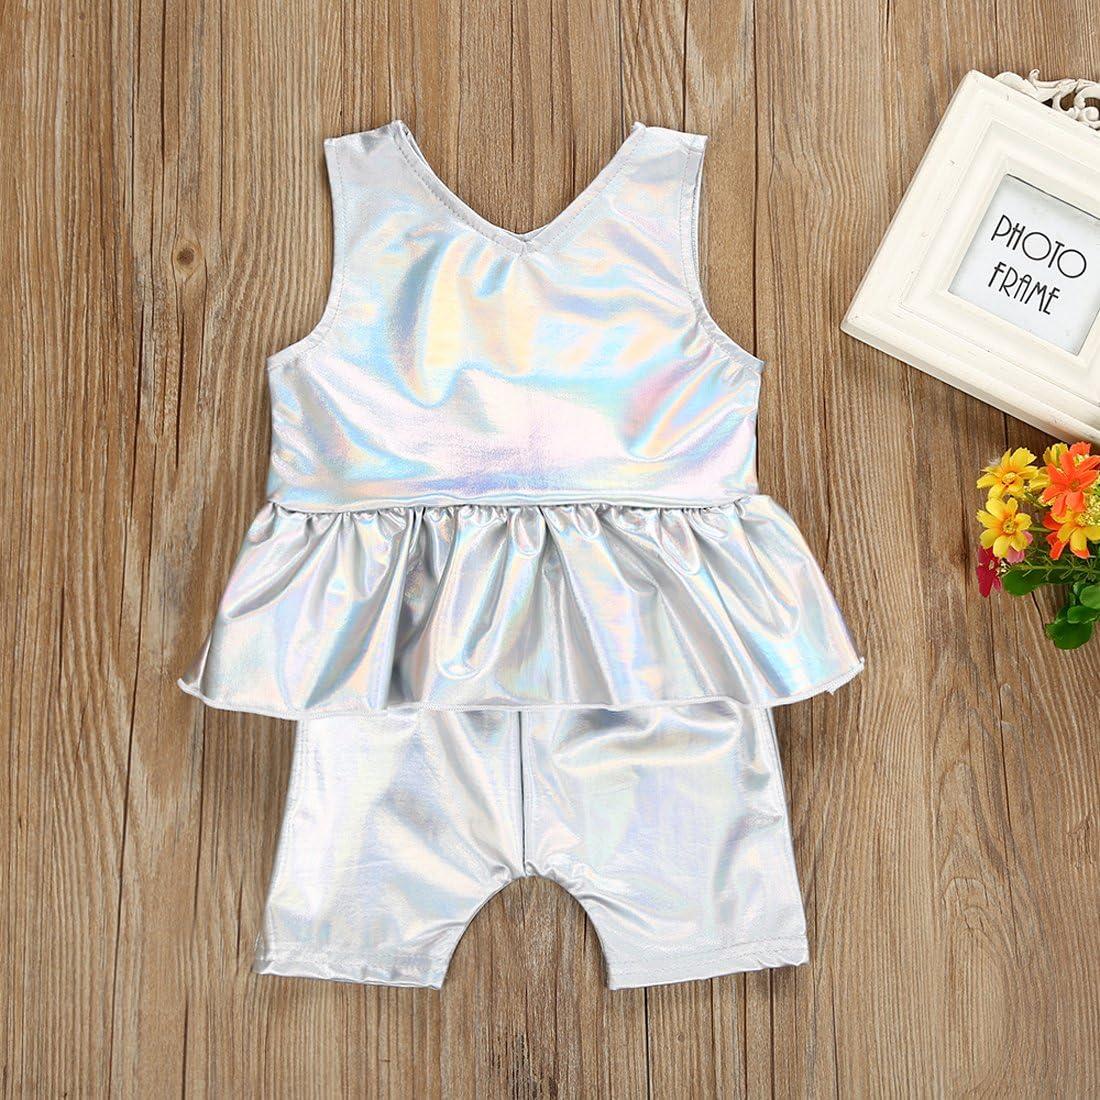 Shorts Set Cenhope Baby Girls PU Shorts Set Silver Ruffle Sleeveless Vest